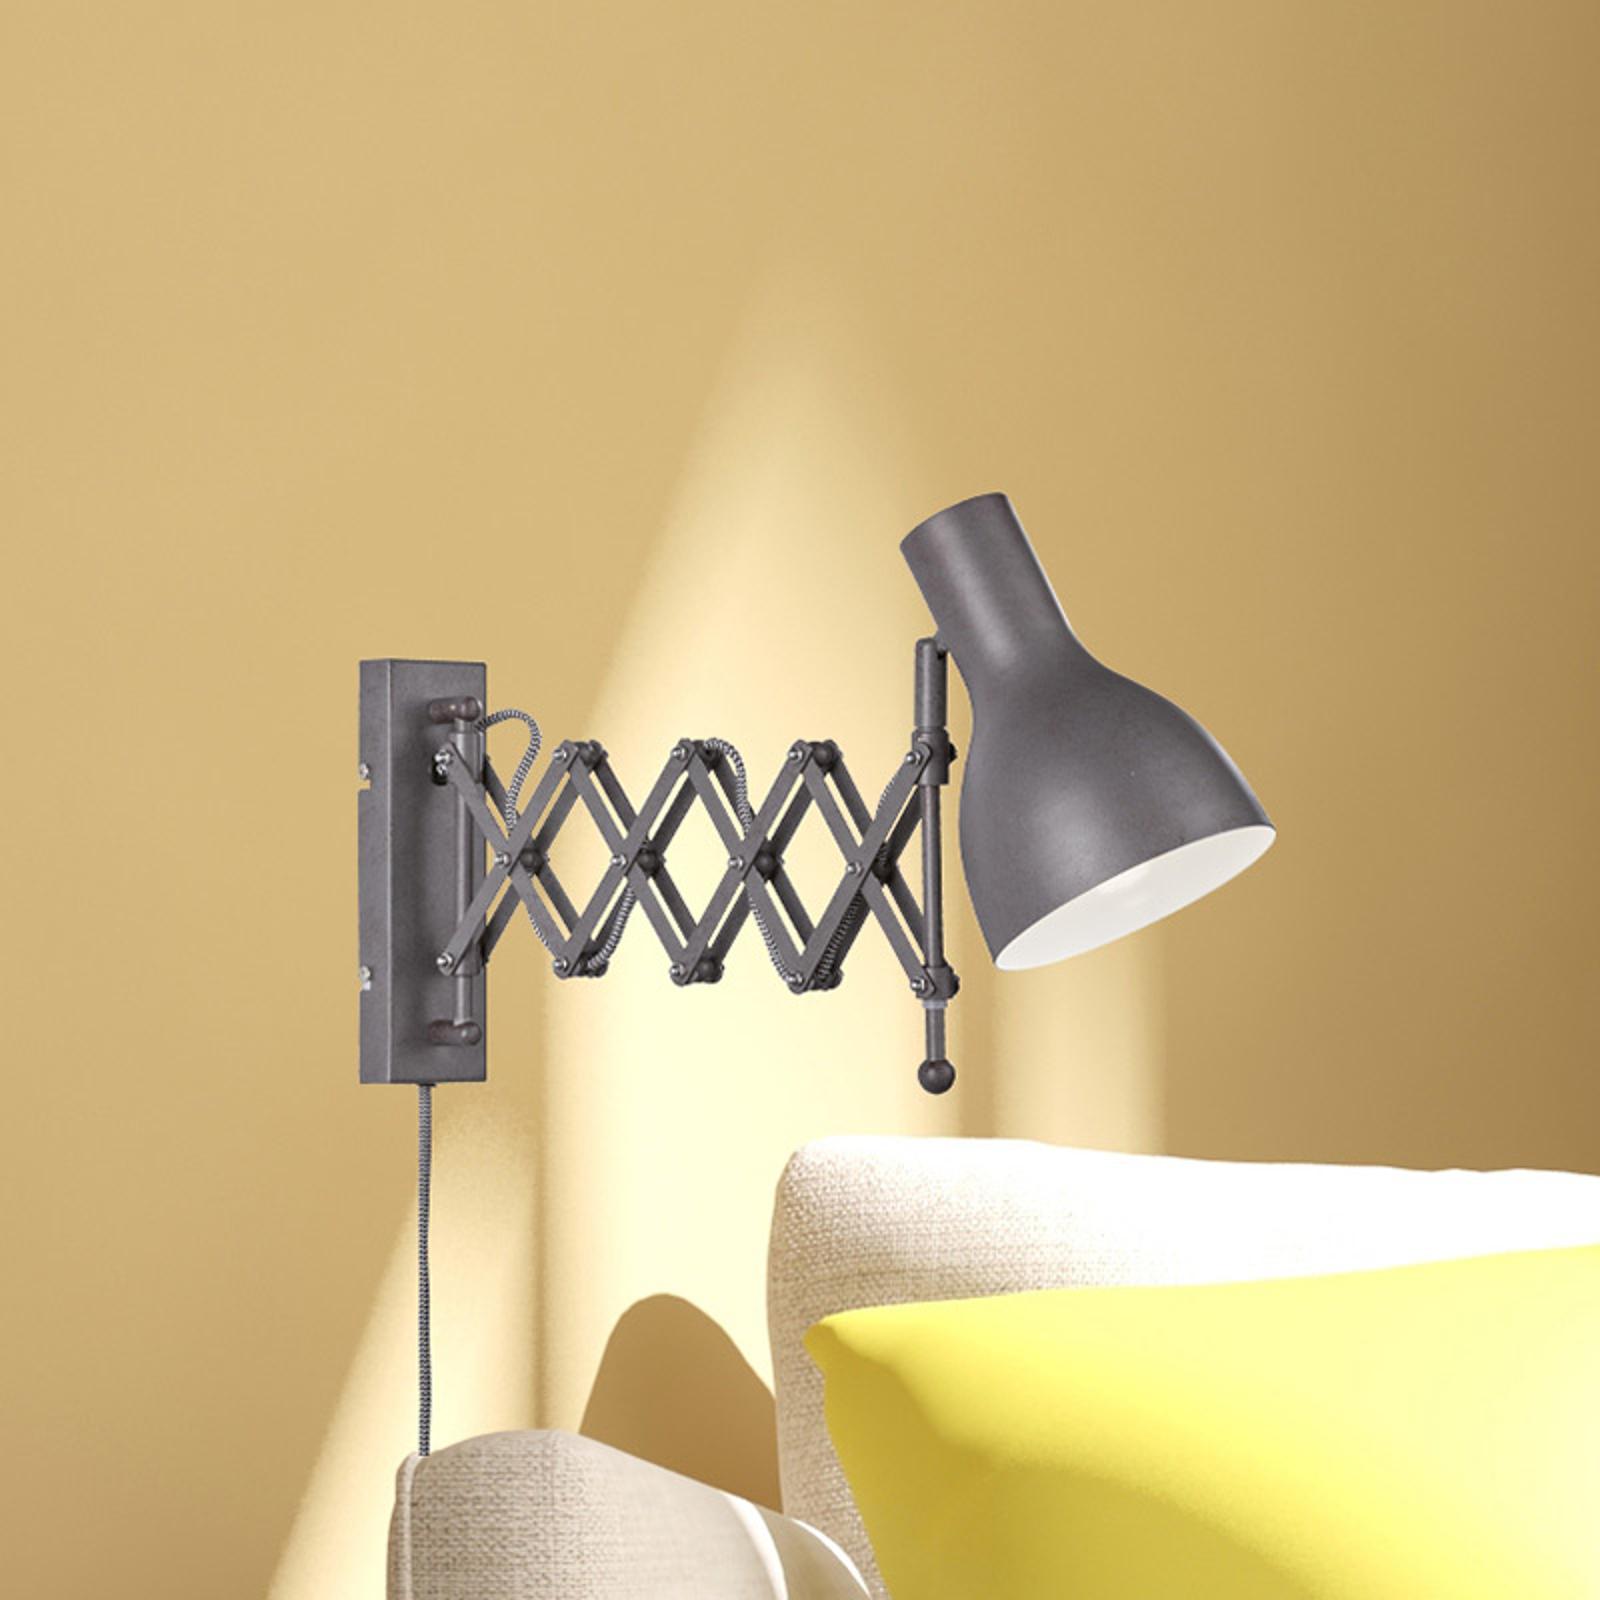 Nástěnné světlo snatahovacím ramenem Pull